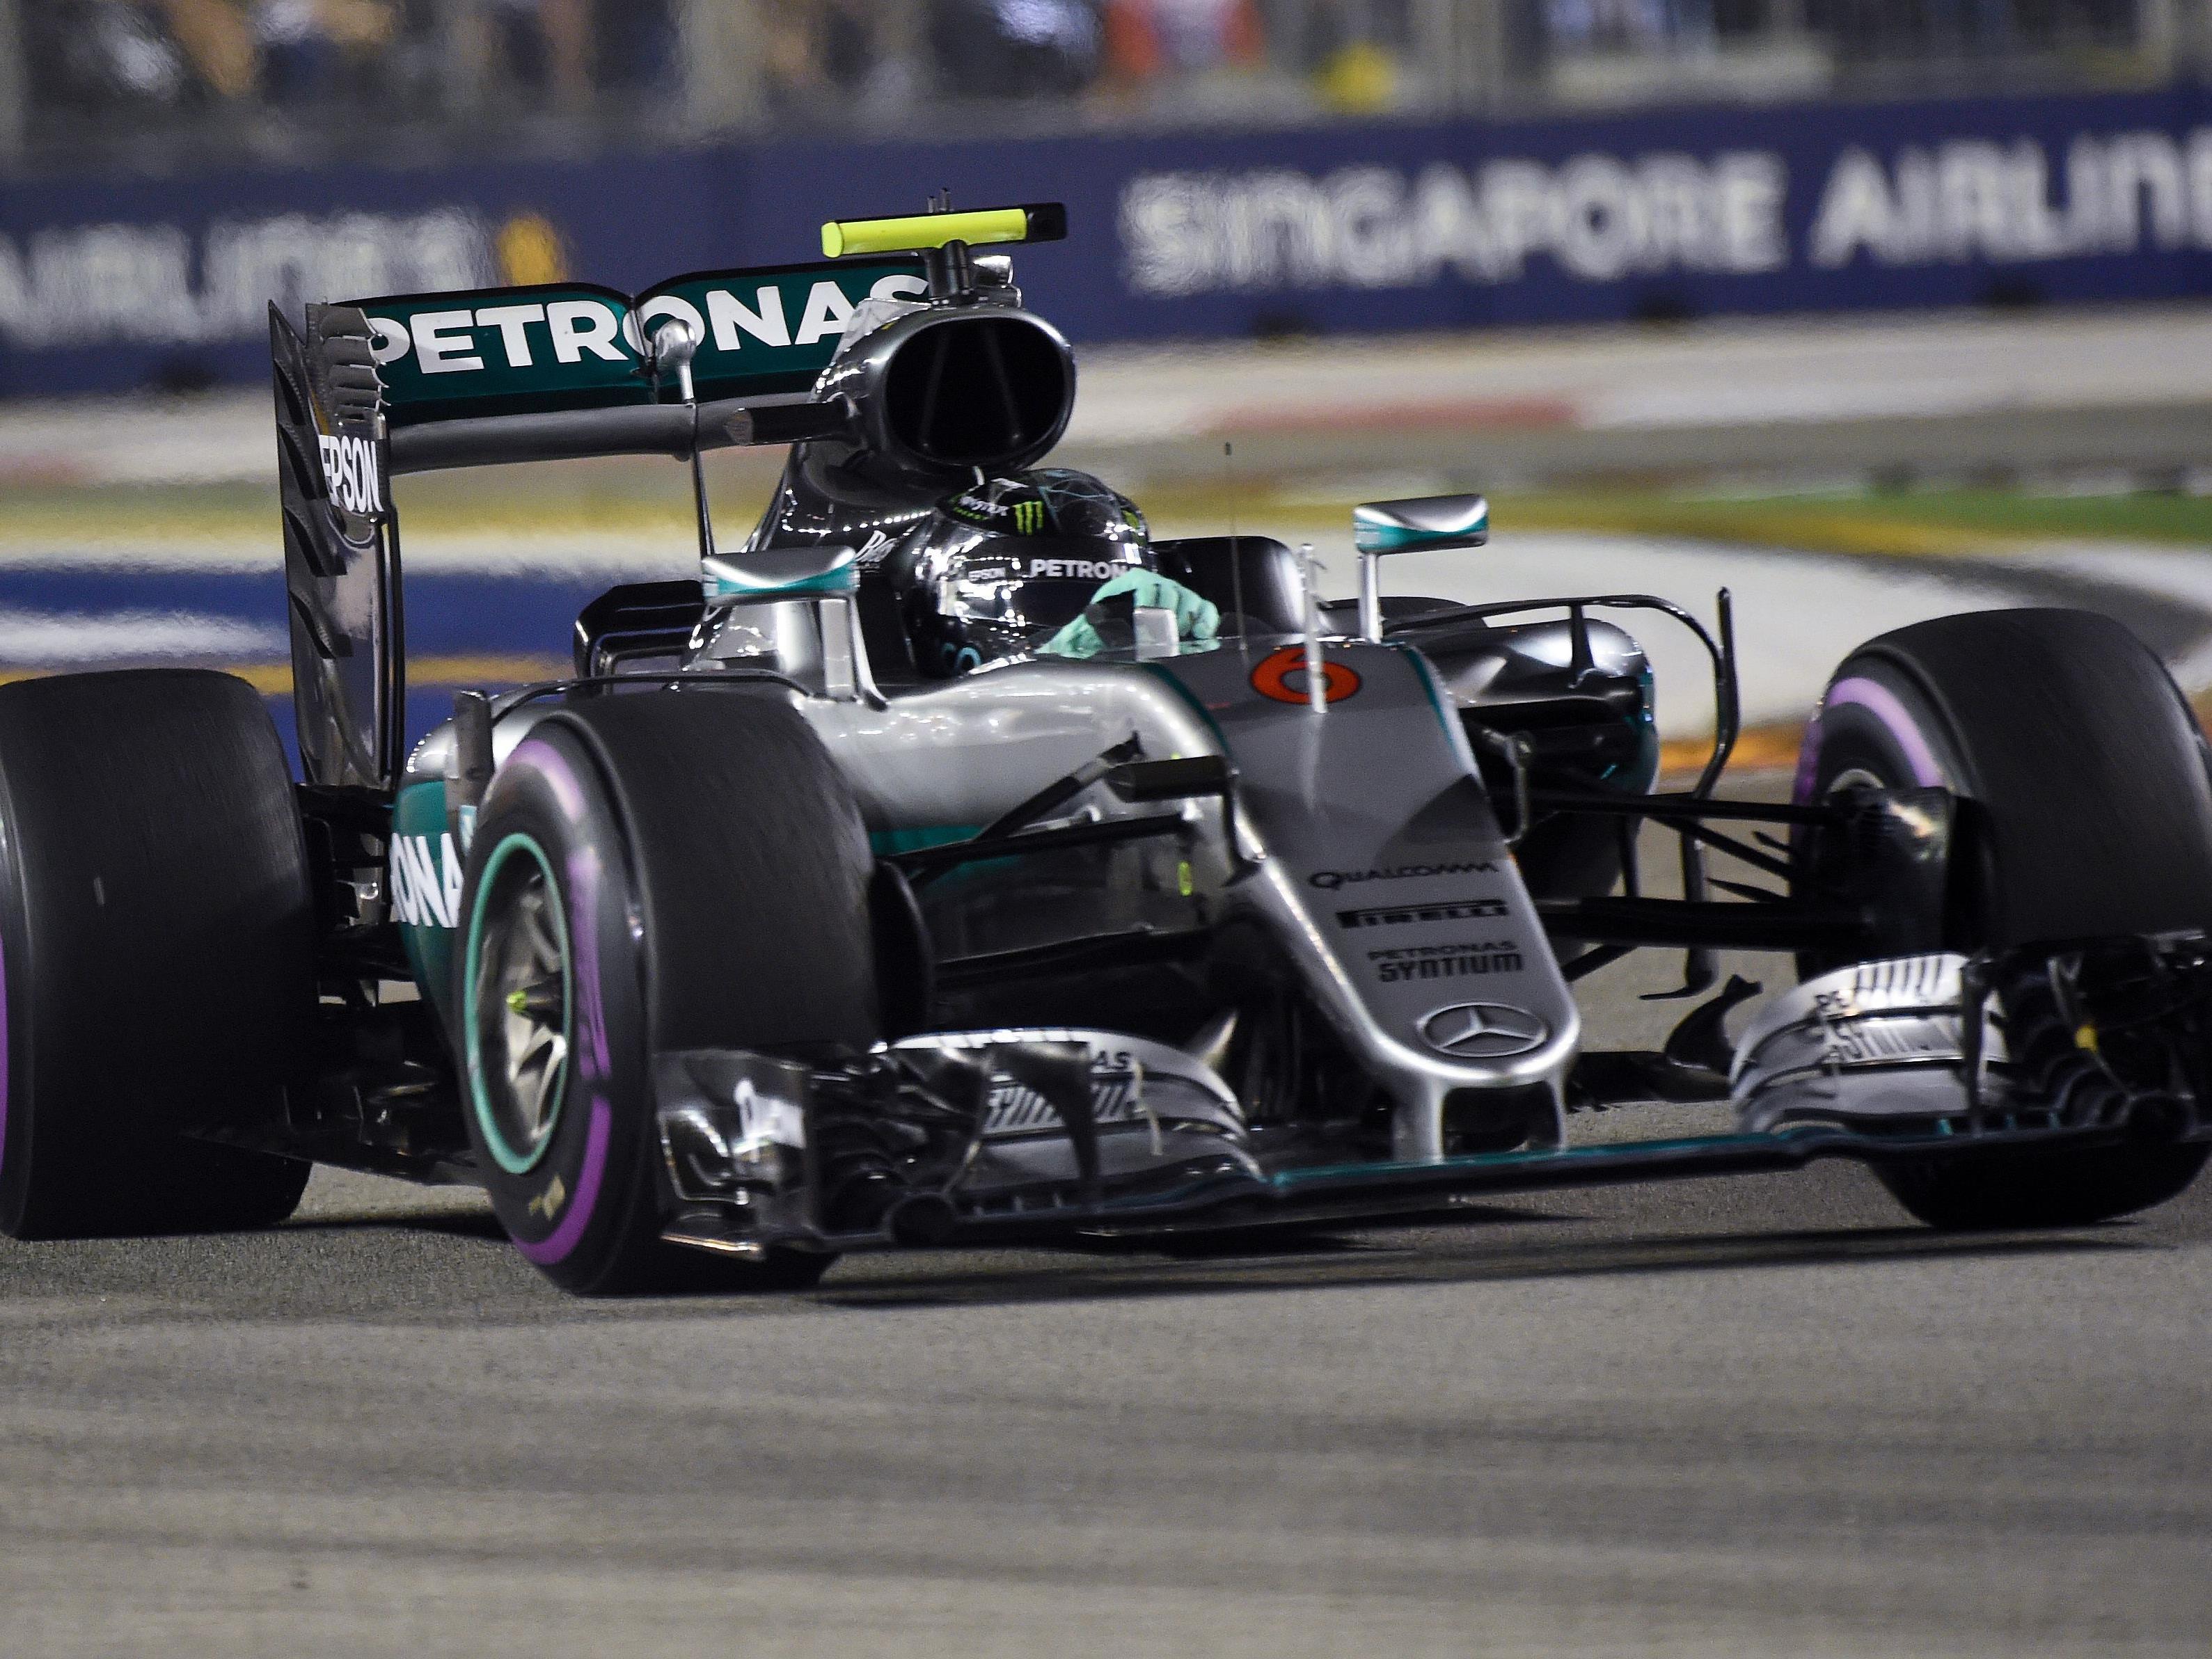 In der Schlussphase kam Rosberg heftig unter Druck von Ricciardo, der pro Runde knapp zwei Sekunden aufholte.